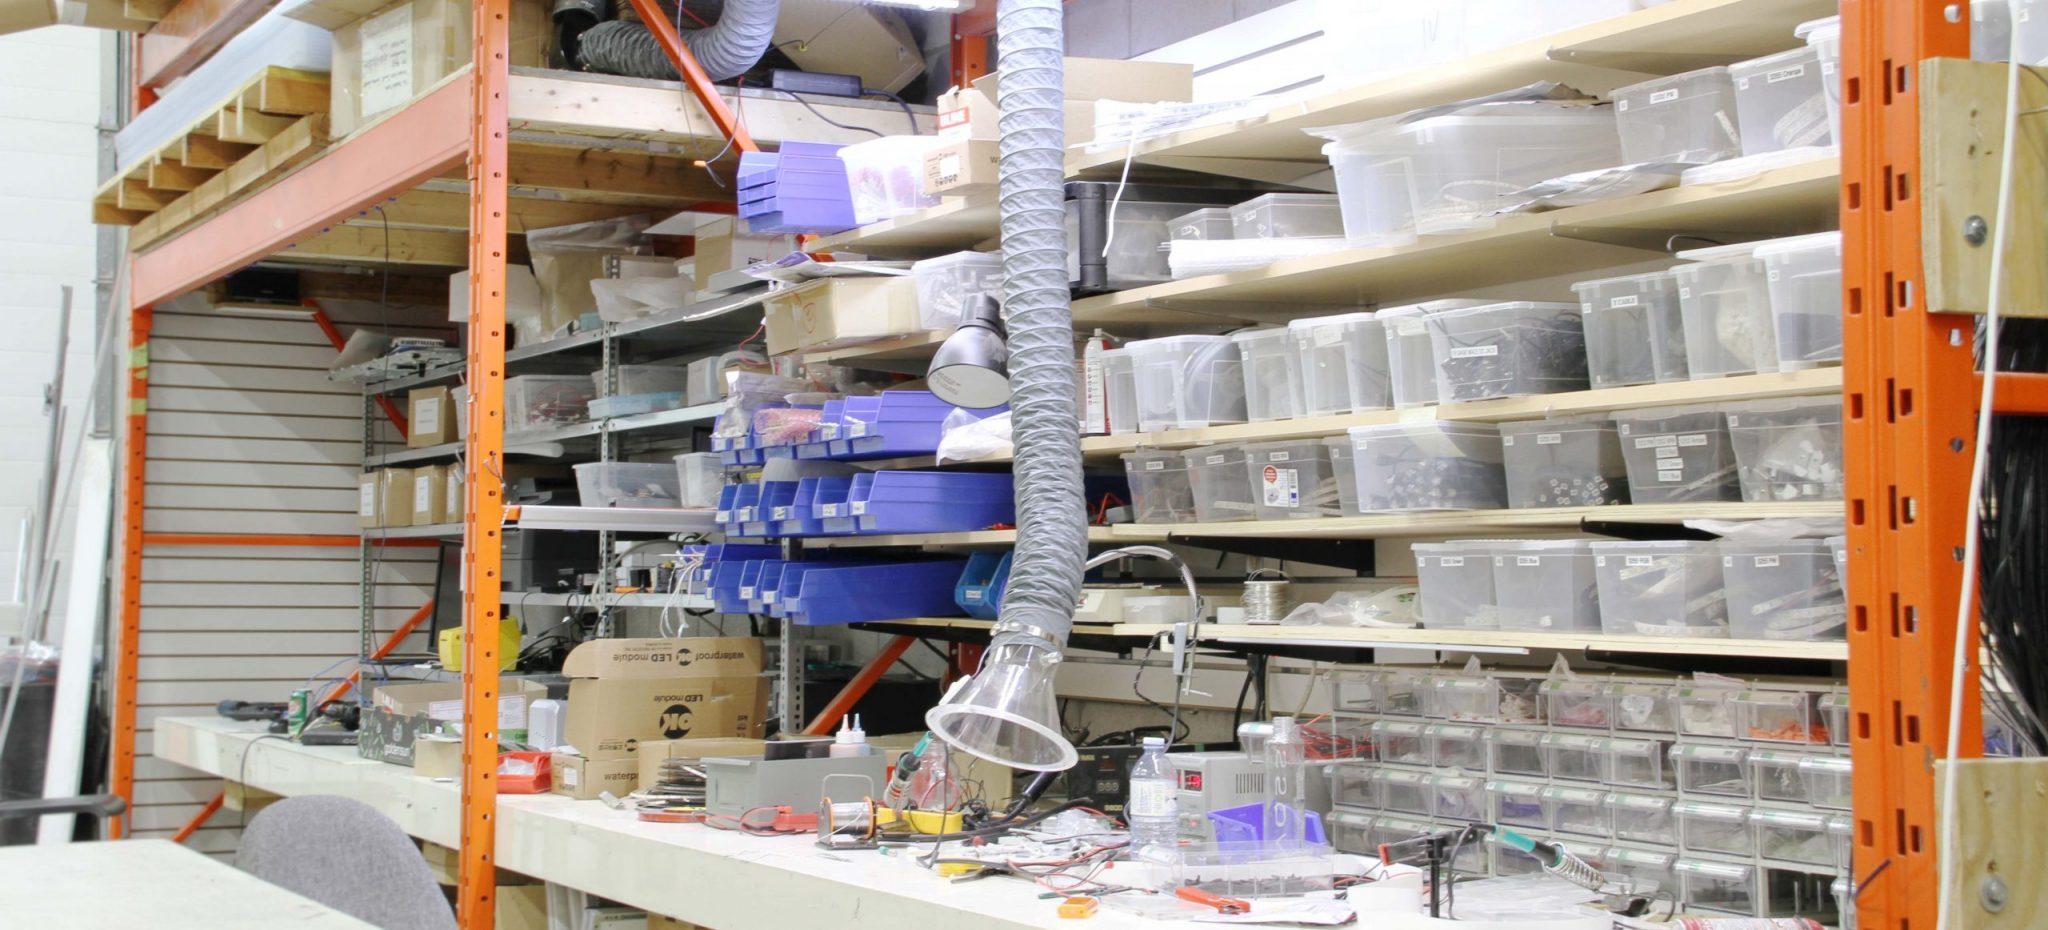 Bandis Vision Warehouse